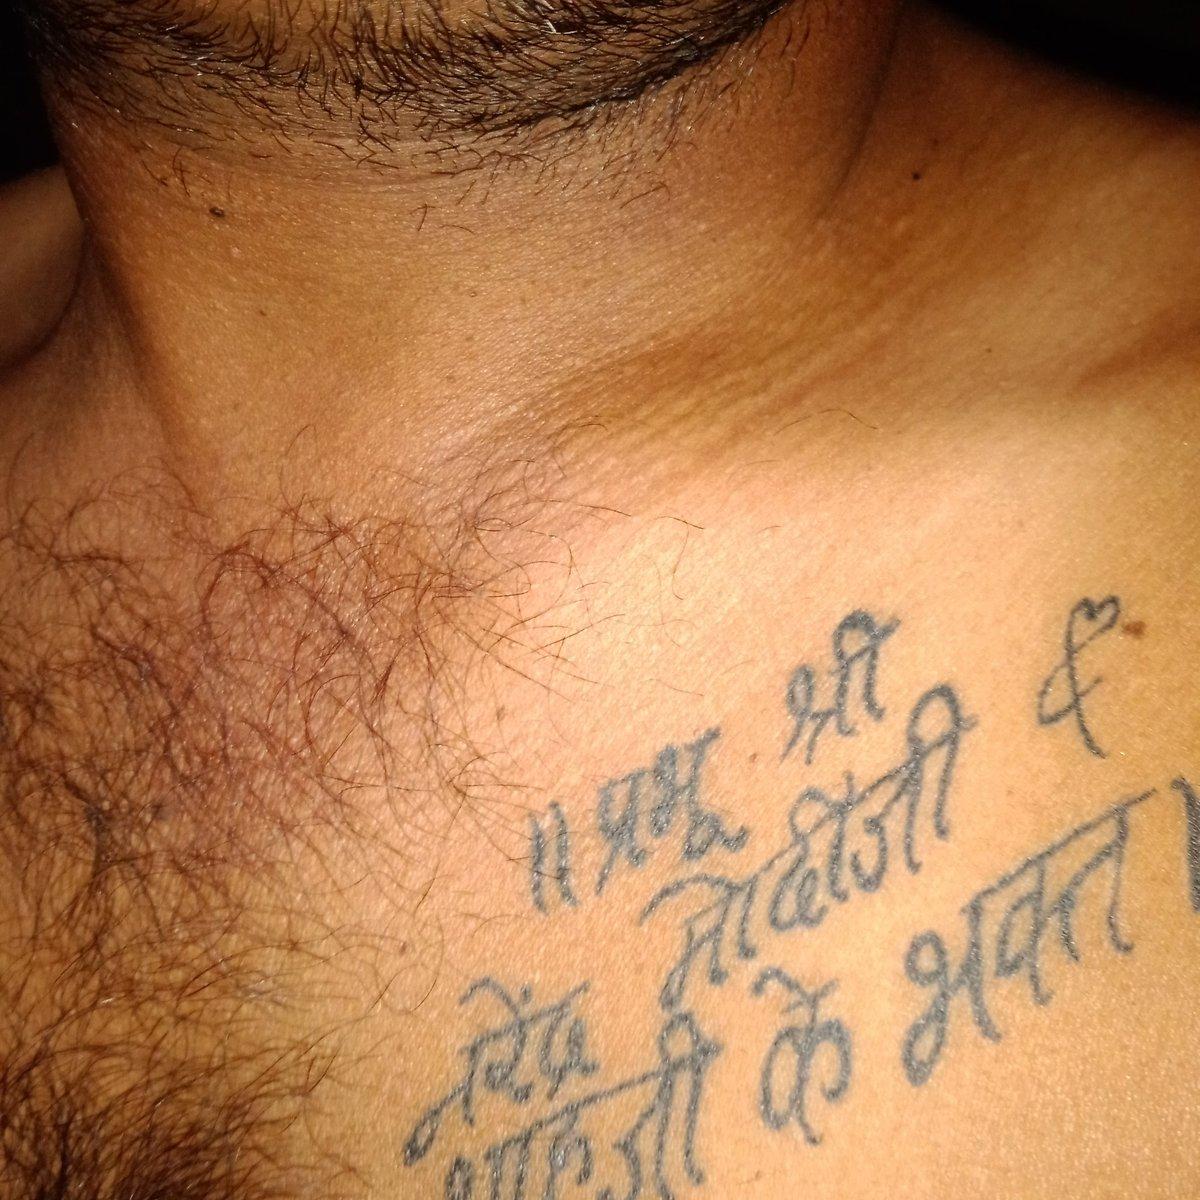 @ArvindKejriwal Namo ji